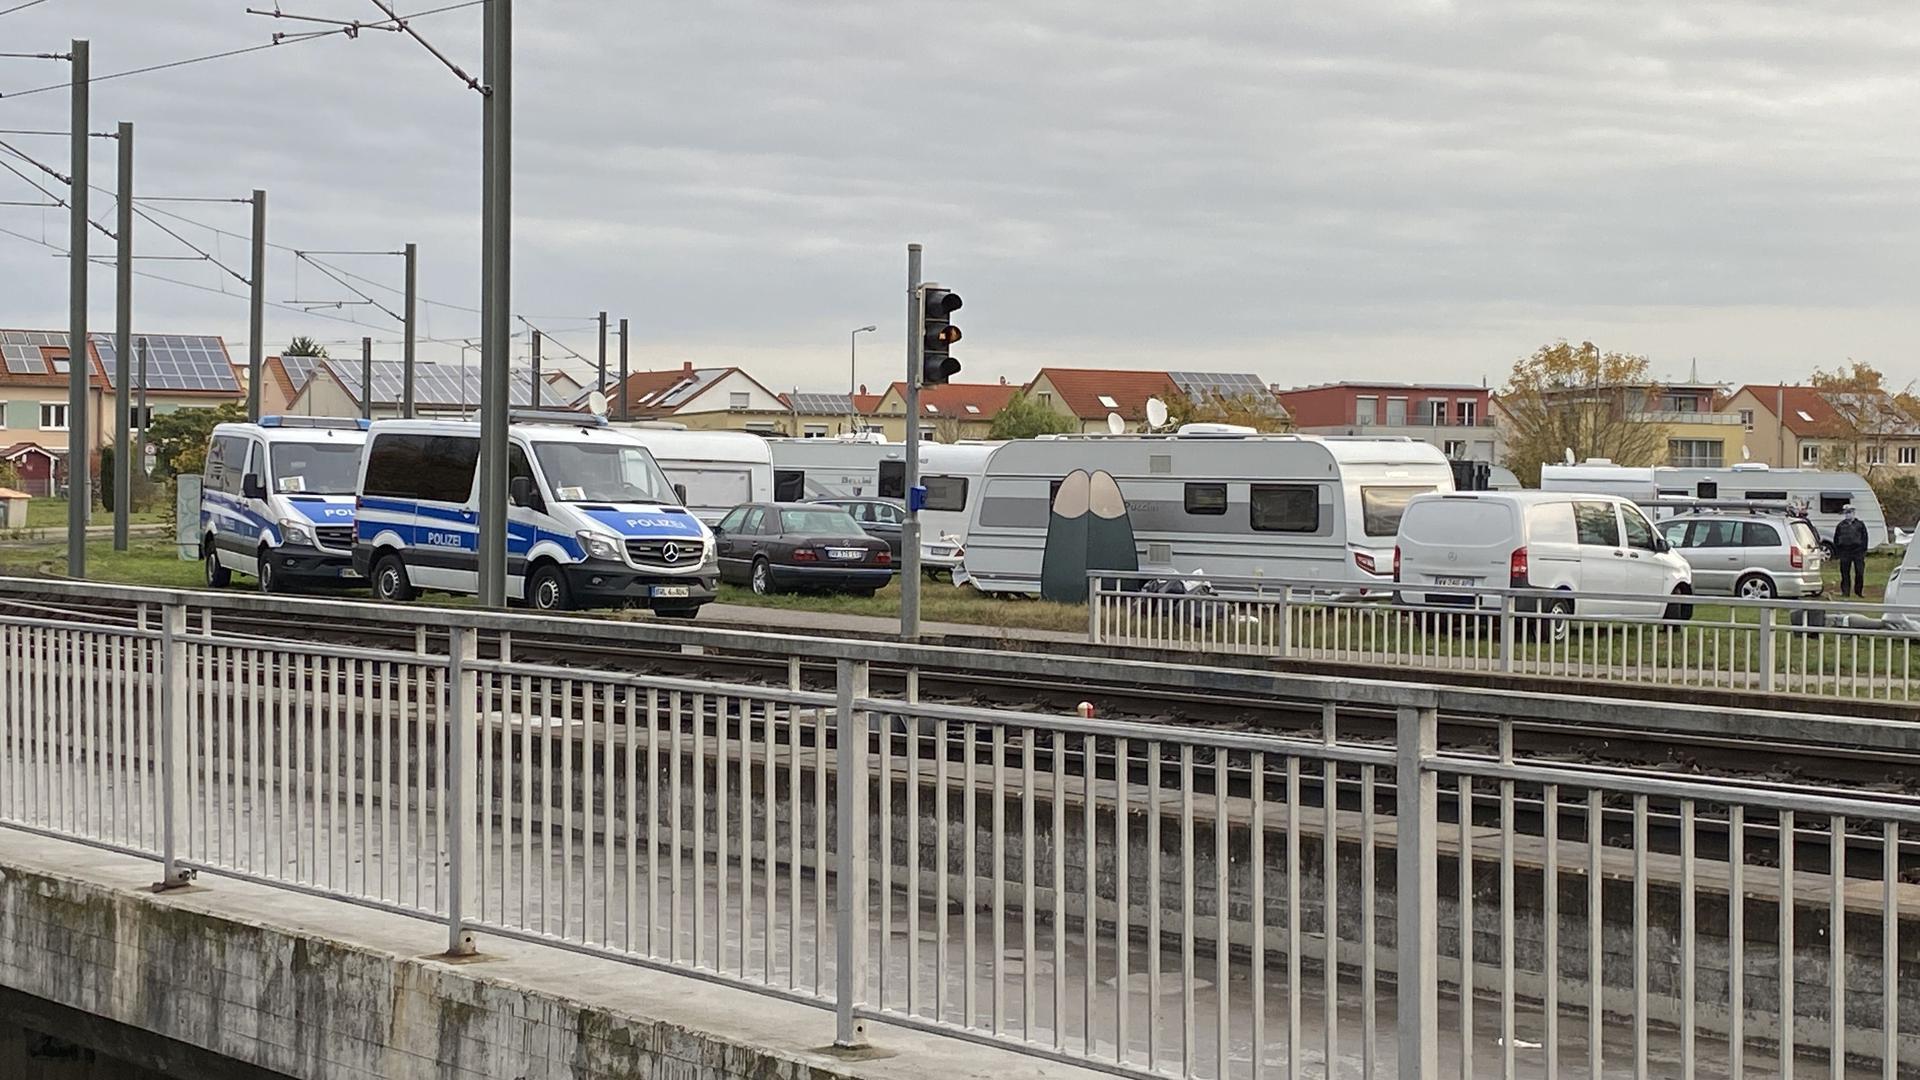 Wohnwagen vor Bahnlinie